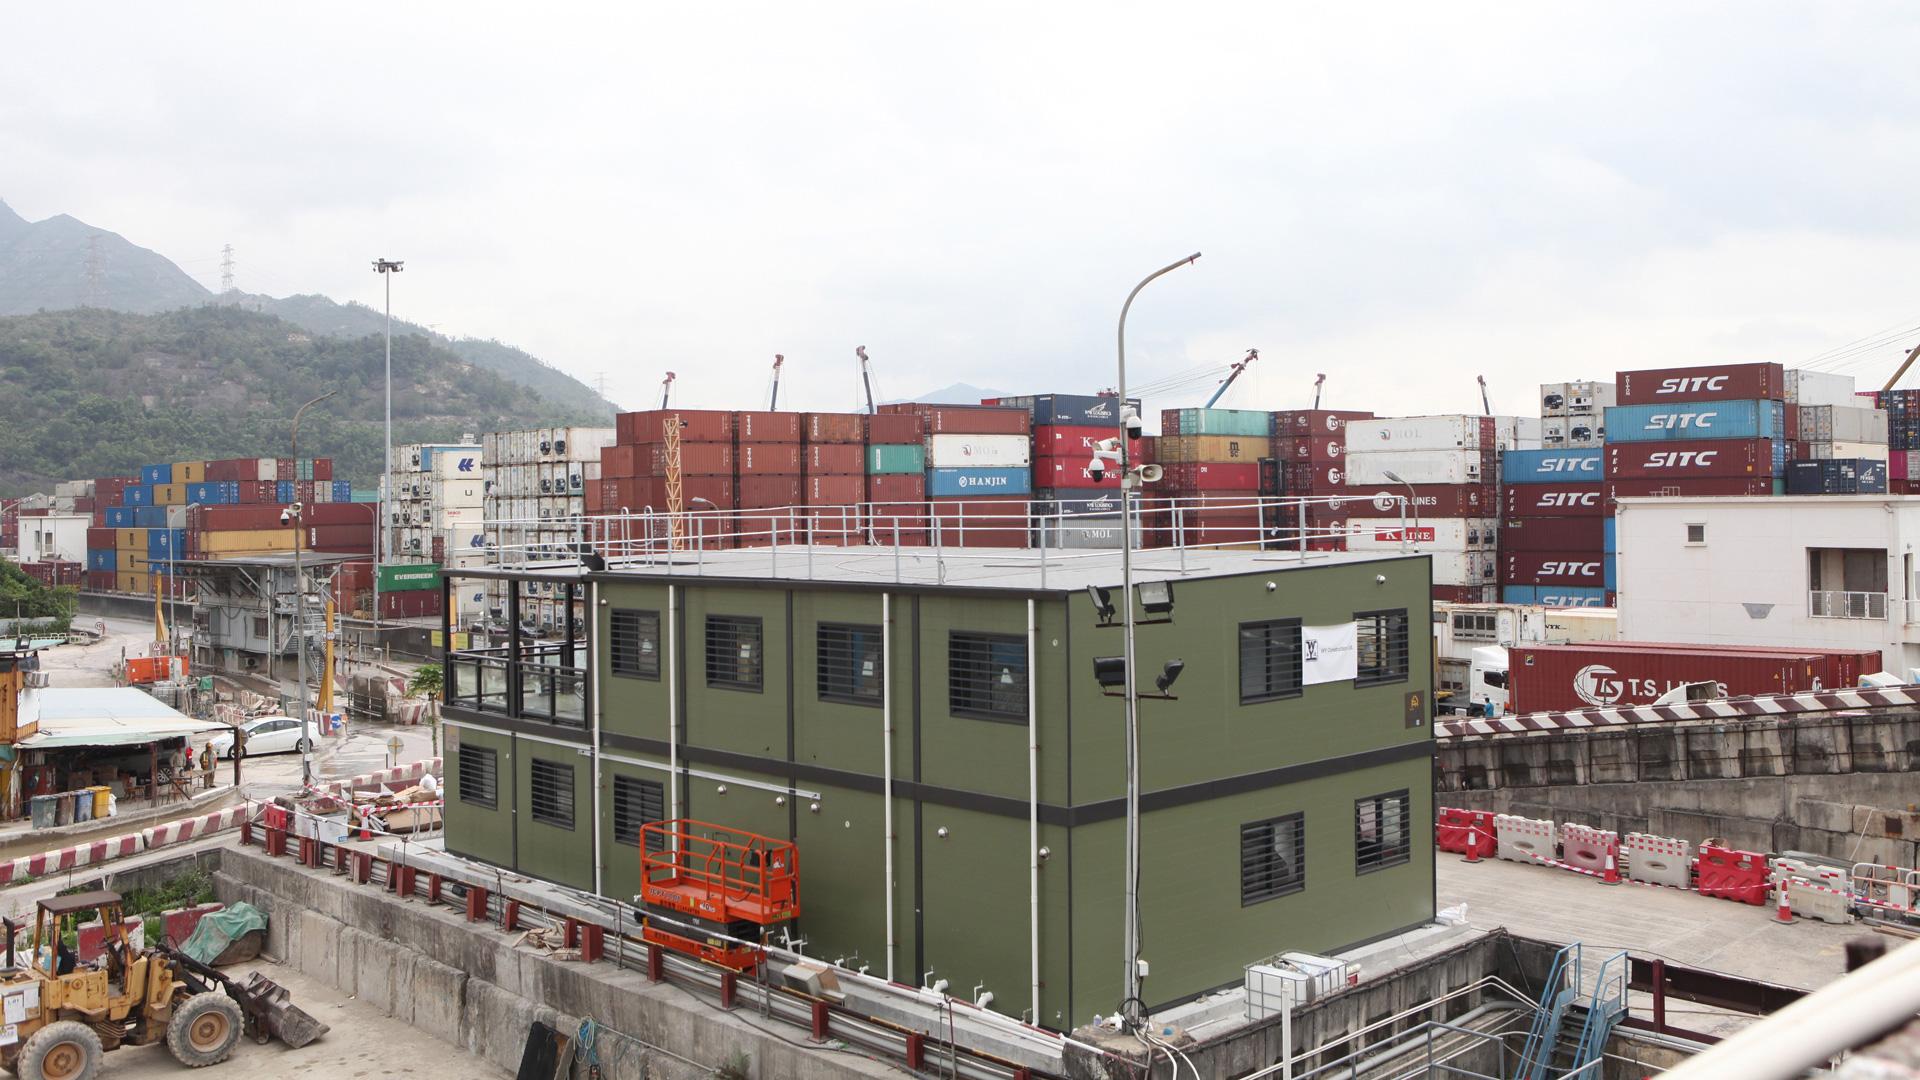 project_HK_lungkutan_case_1920px1080px_9